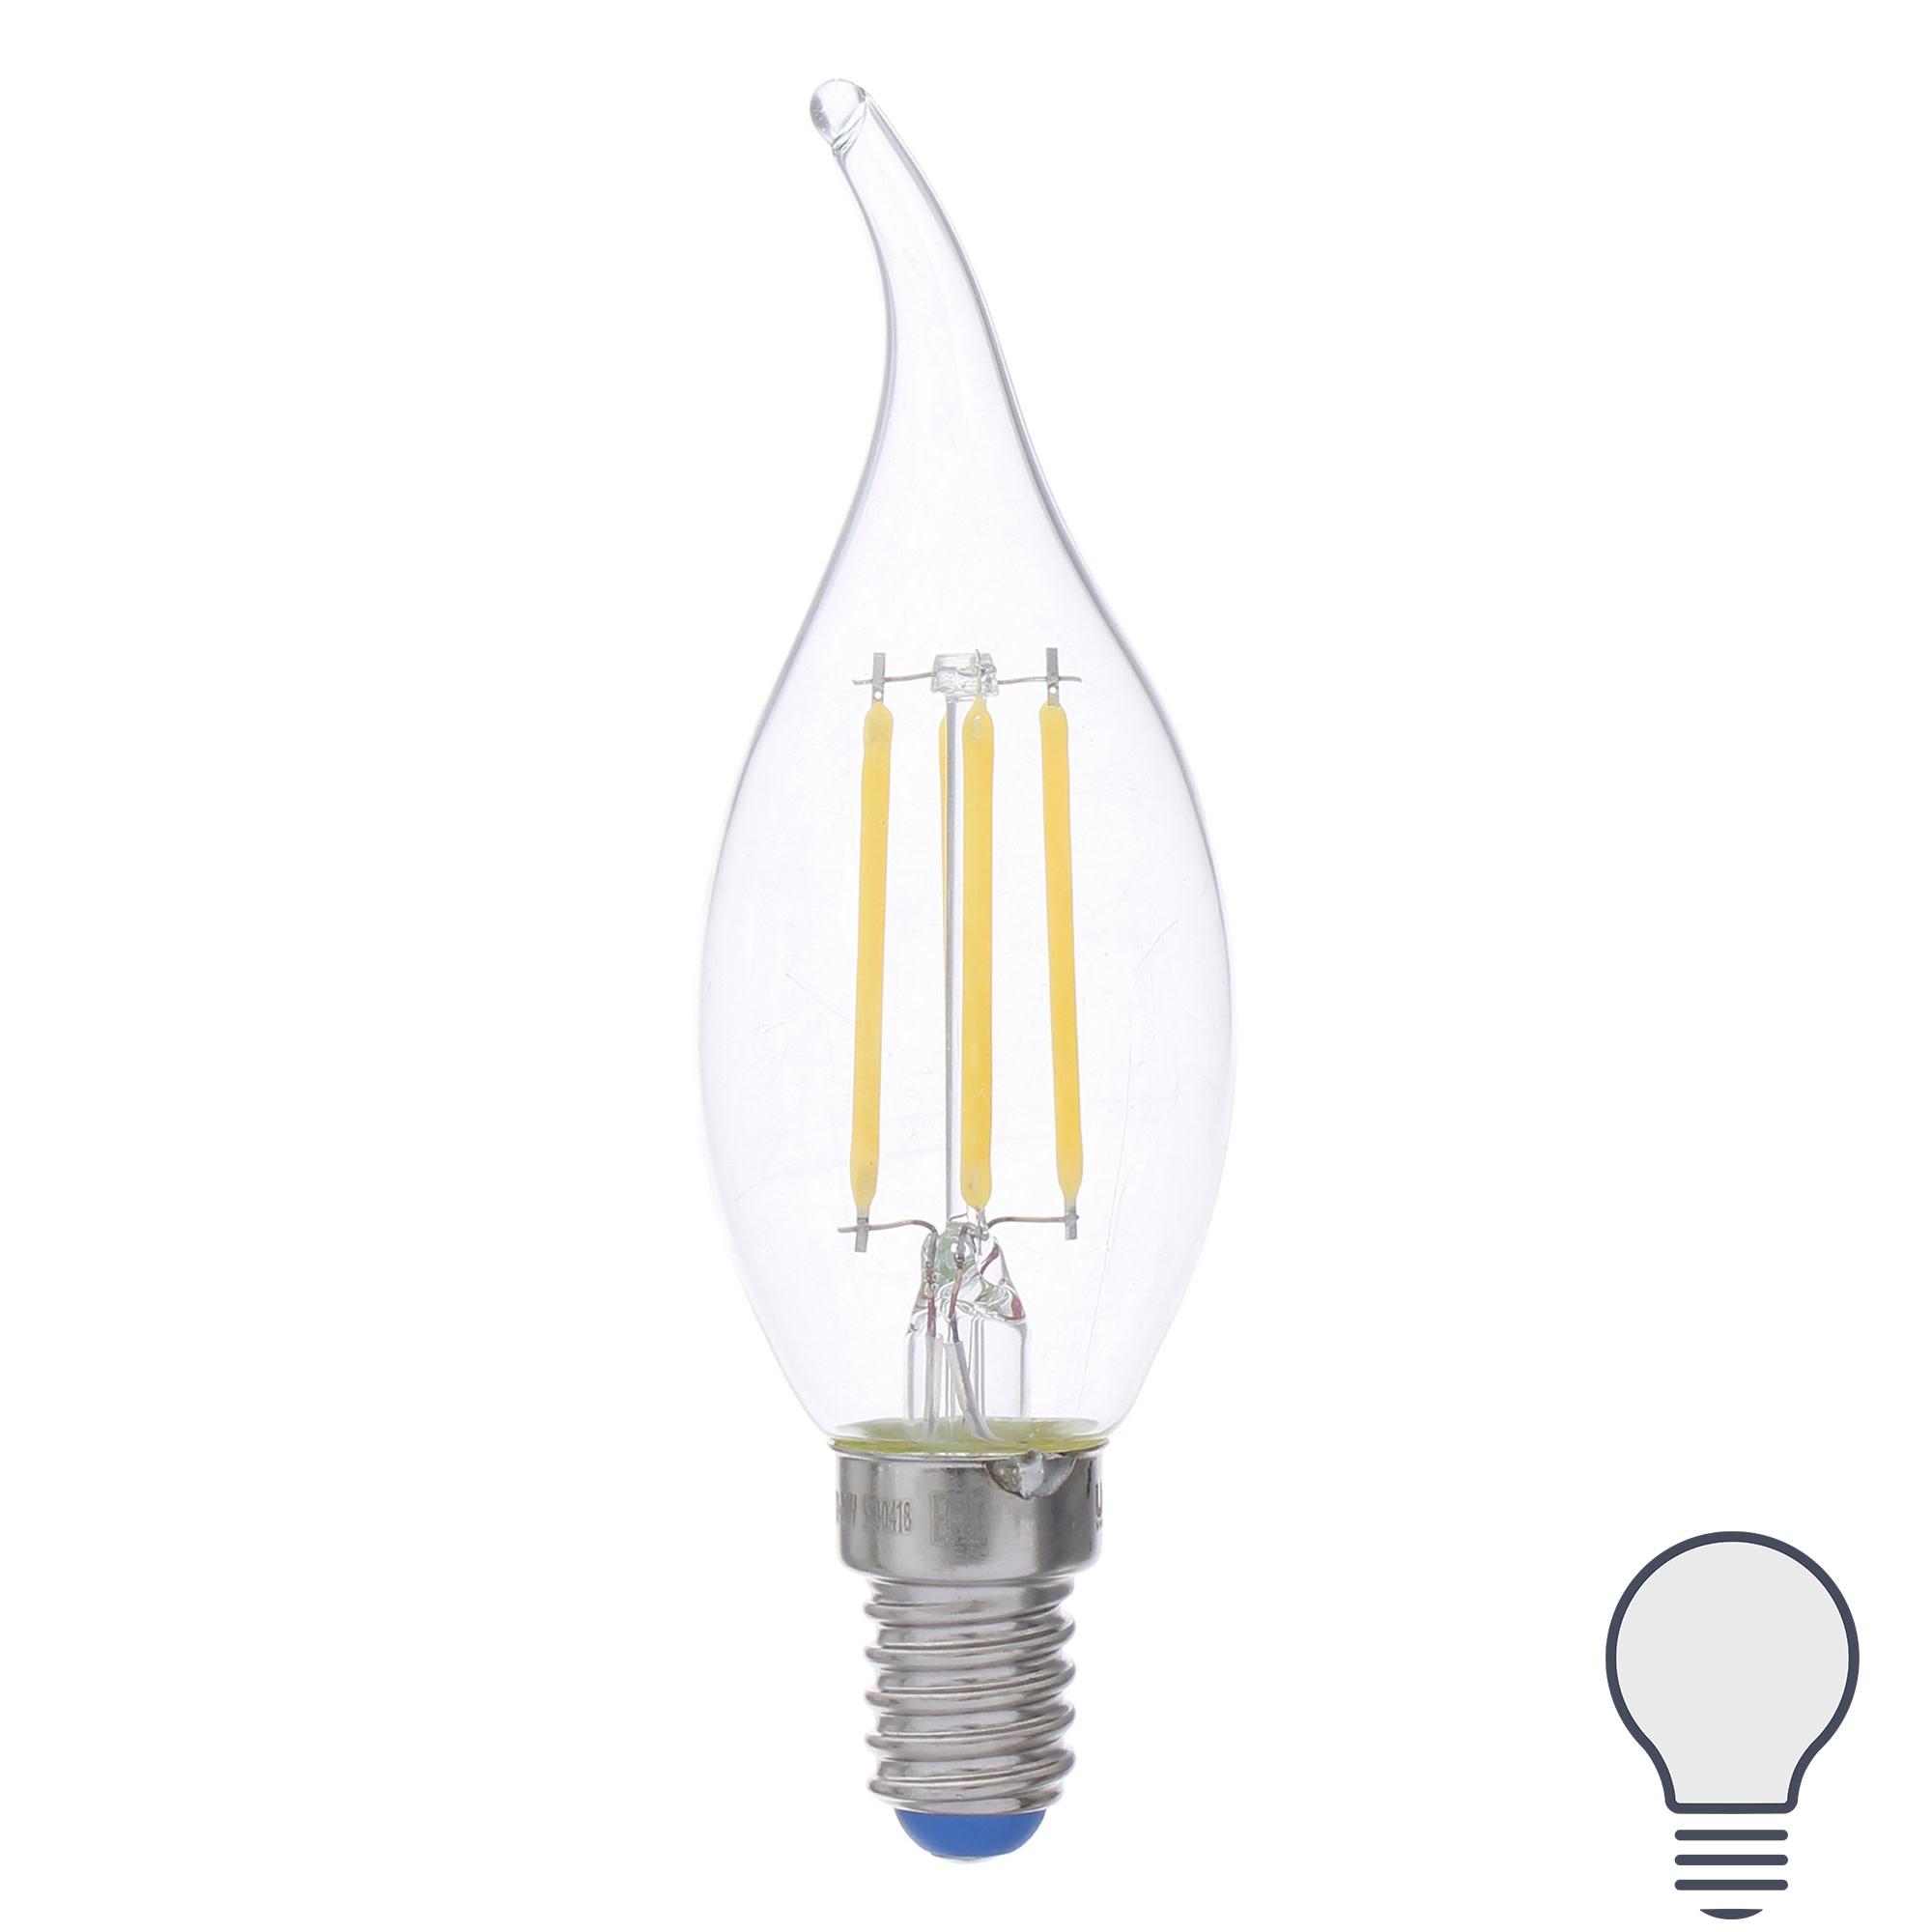 Лампа светодиодная филаментная Airdim E14 5 Вт 500 Лм свет холодный